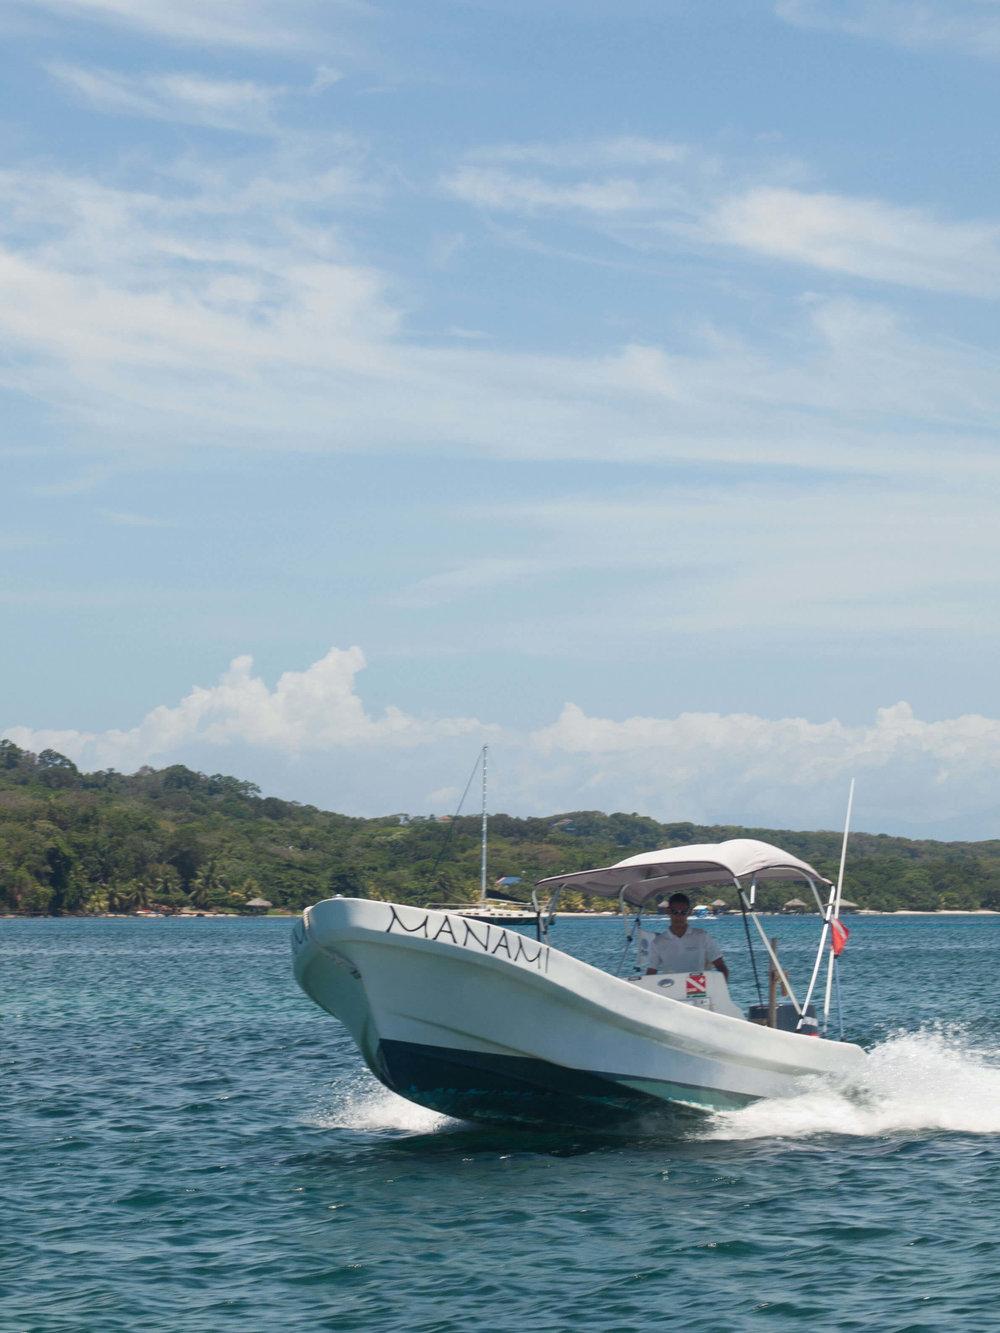 Manami boat Roatan Divers